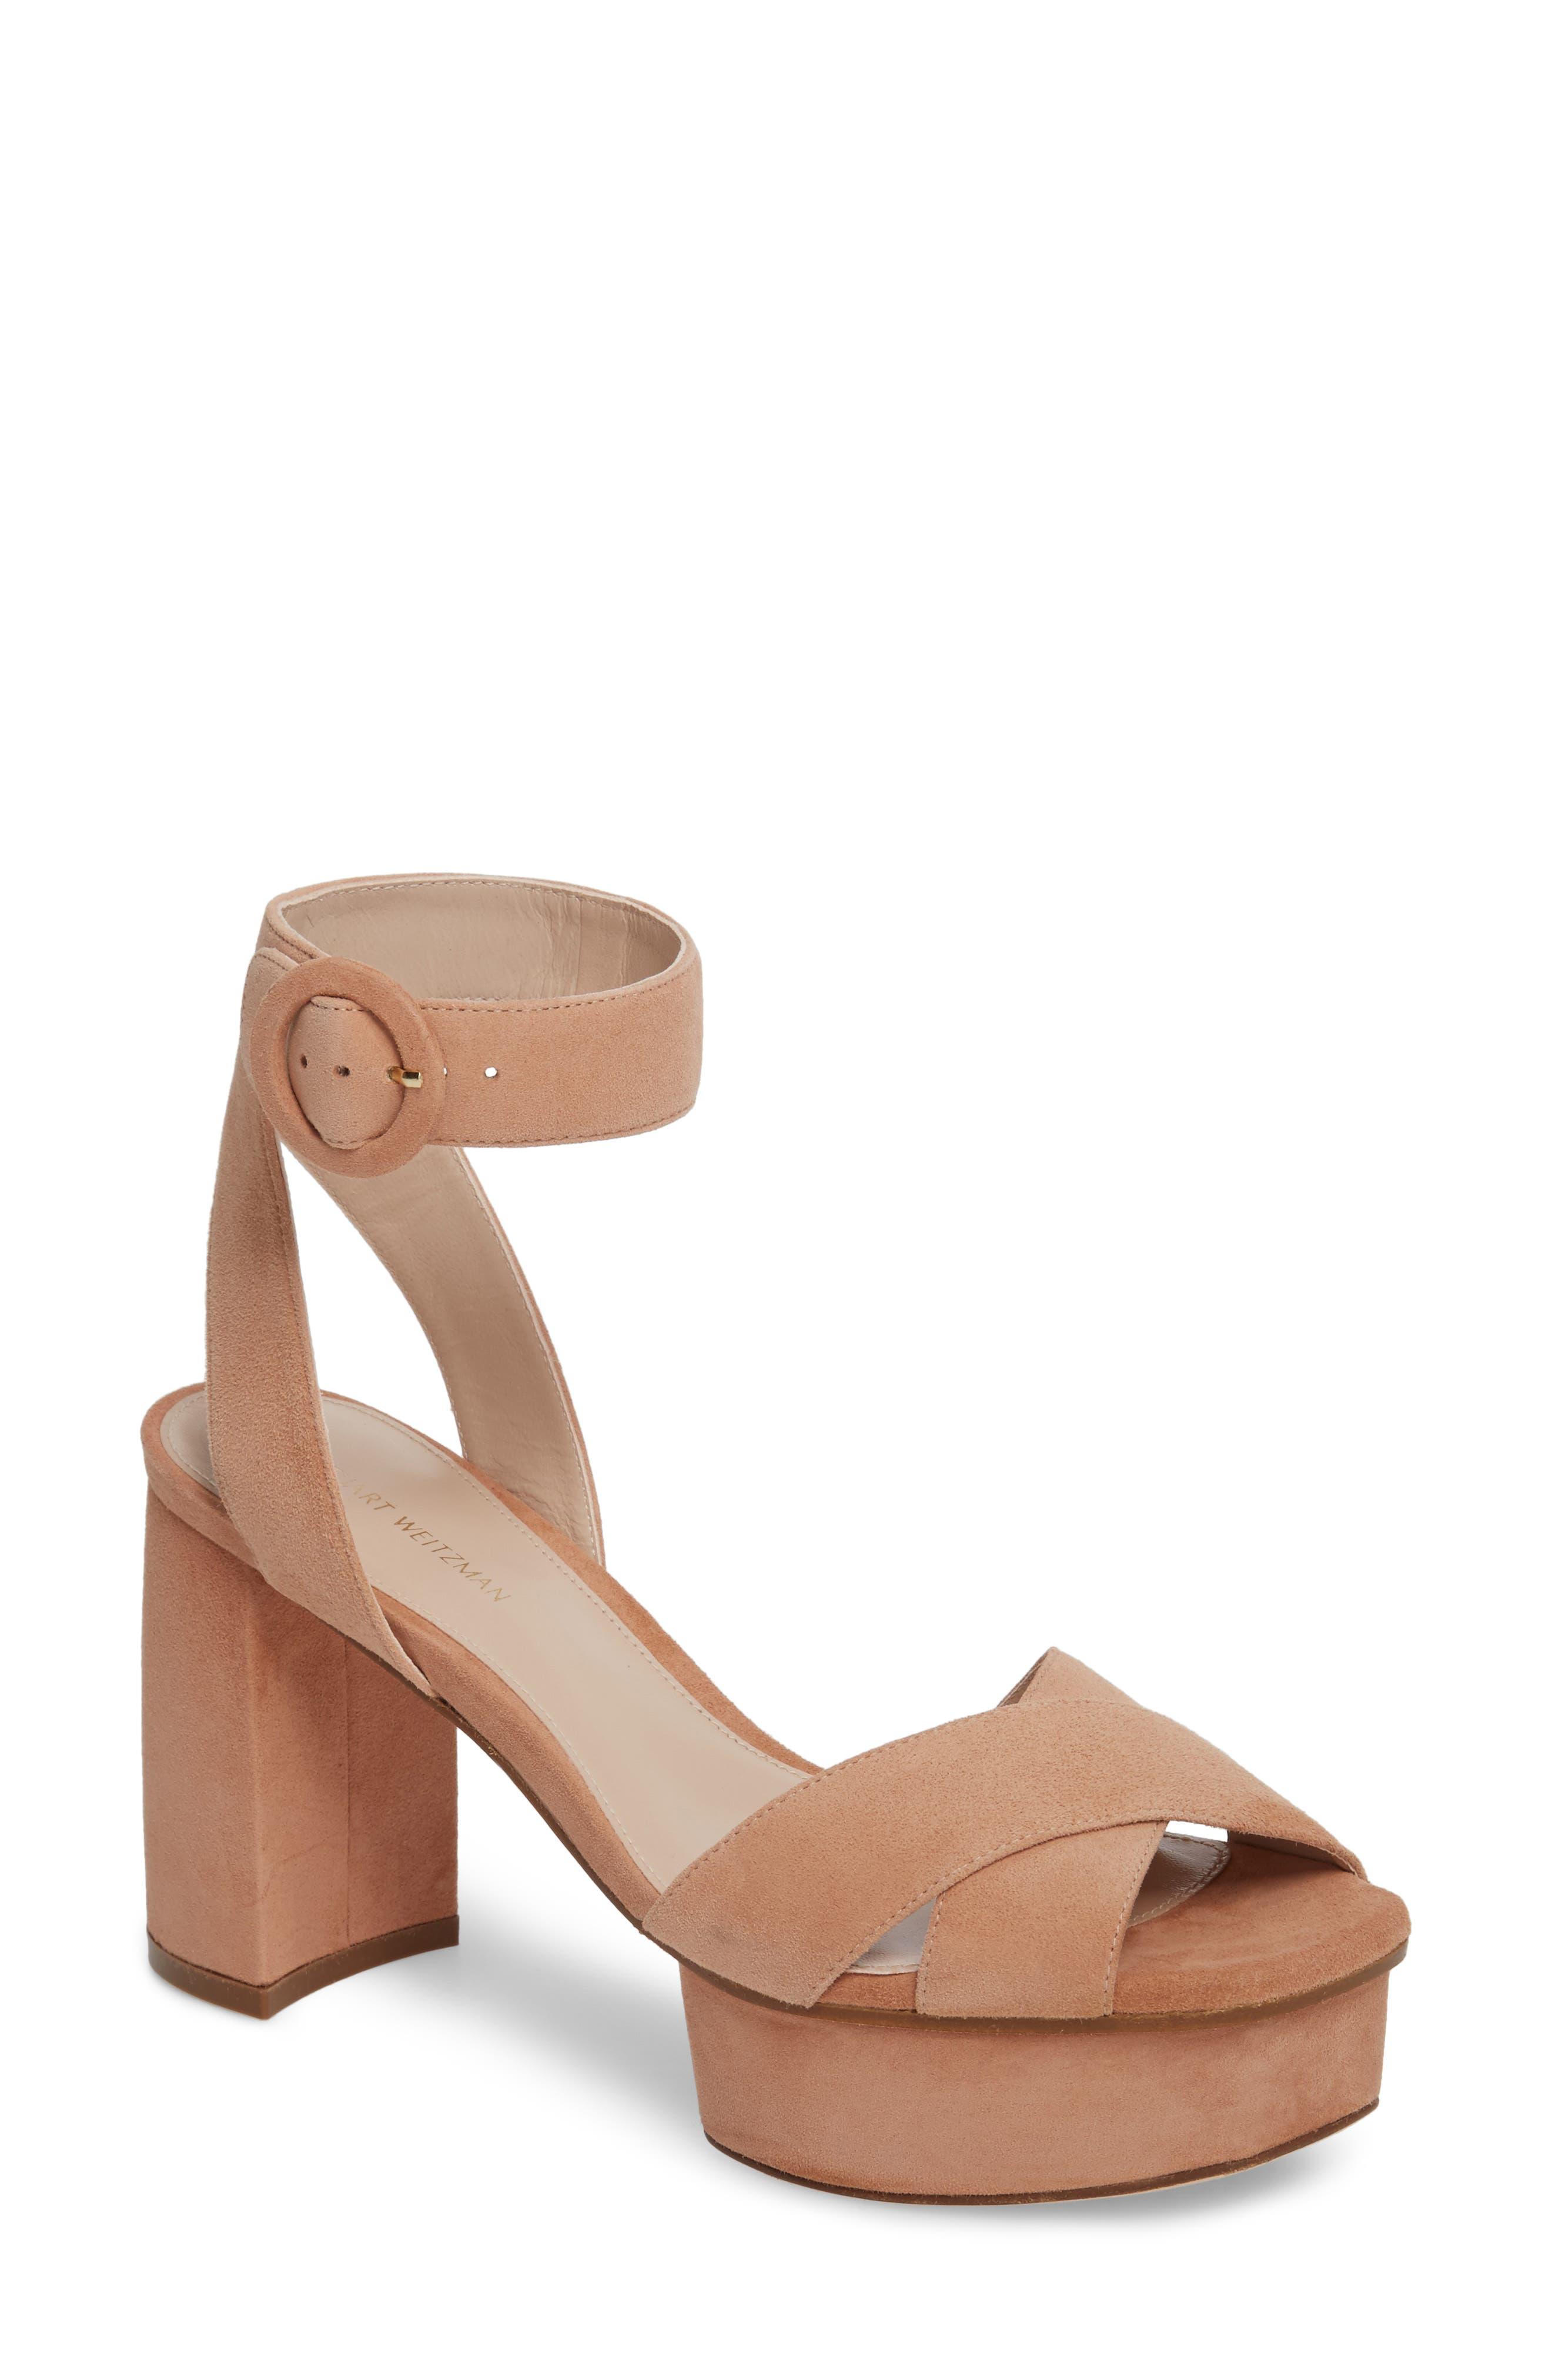 Carmina Ankle Strap Platform Sandal,                             Main thumbnail 1, color,                             Naked Seda Suede